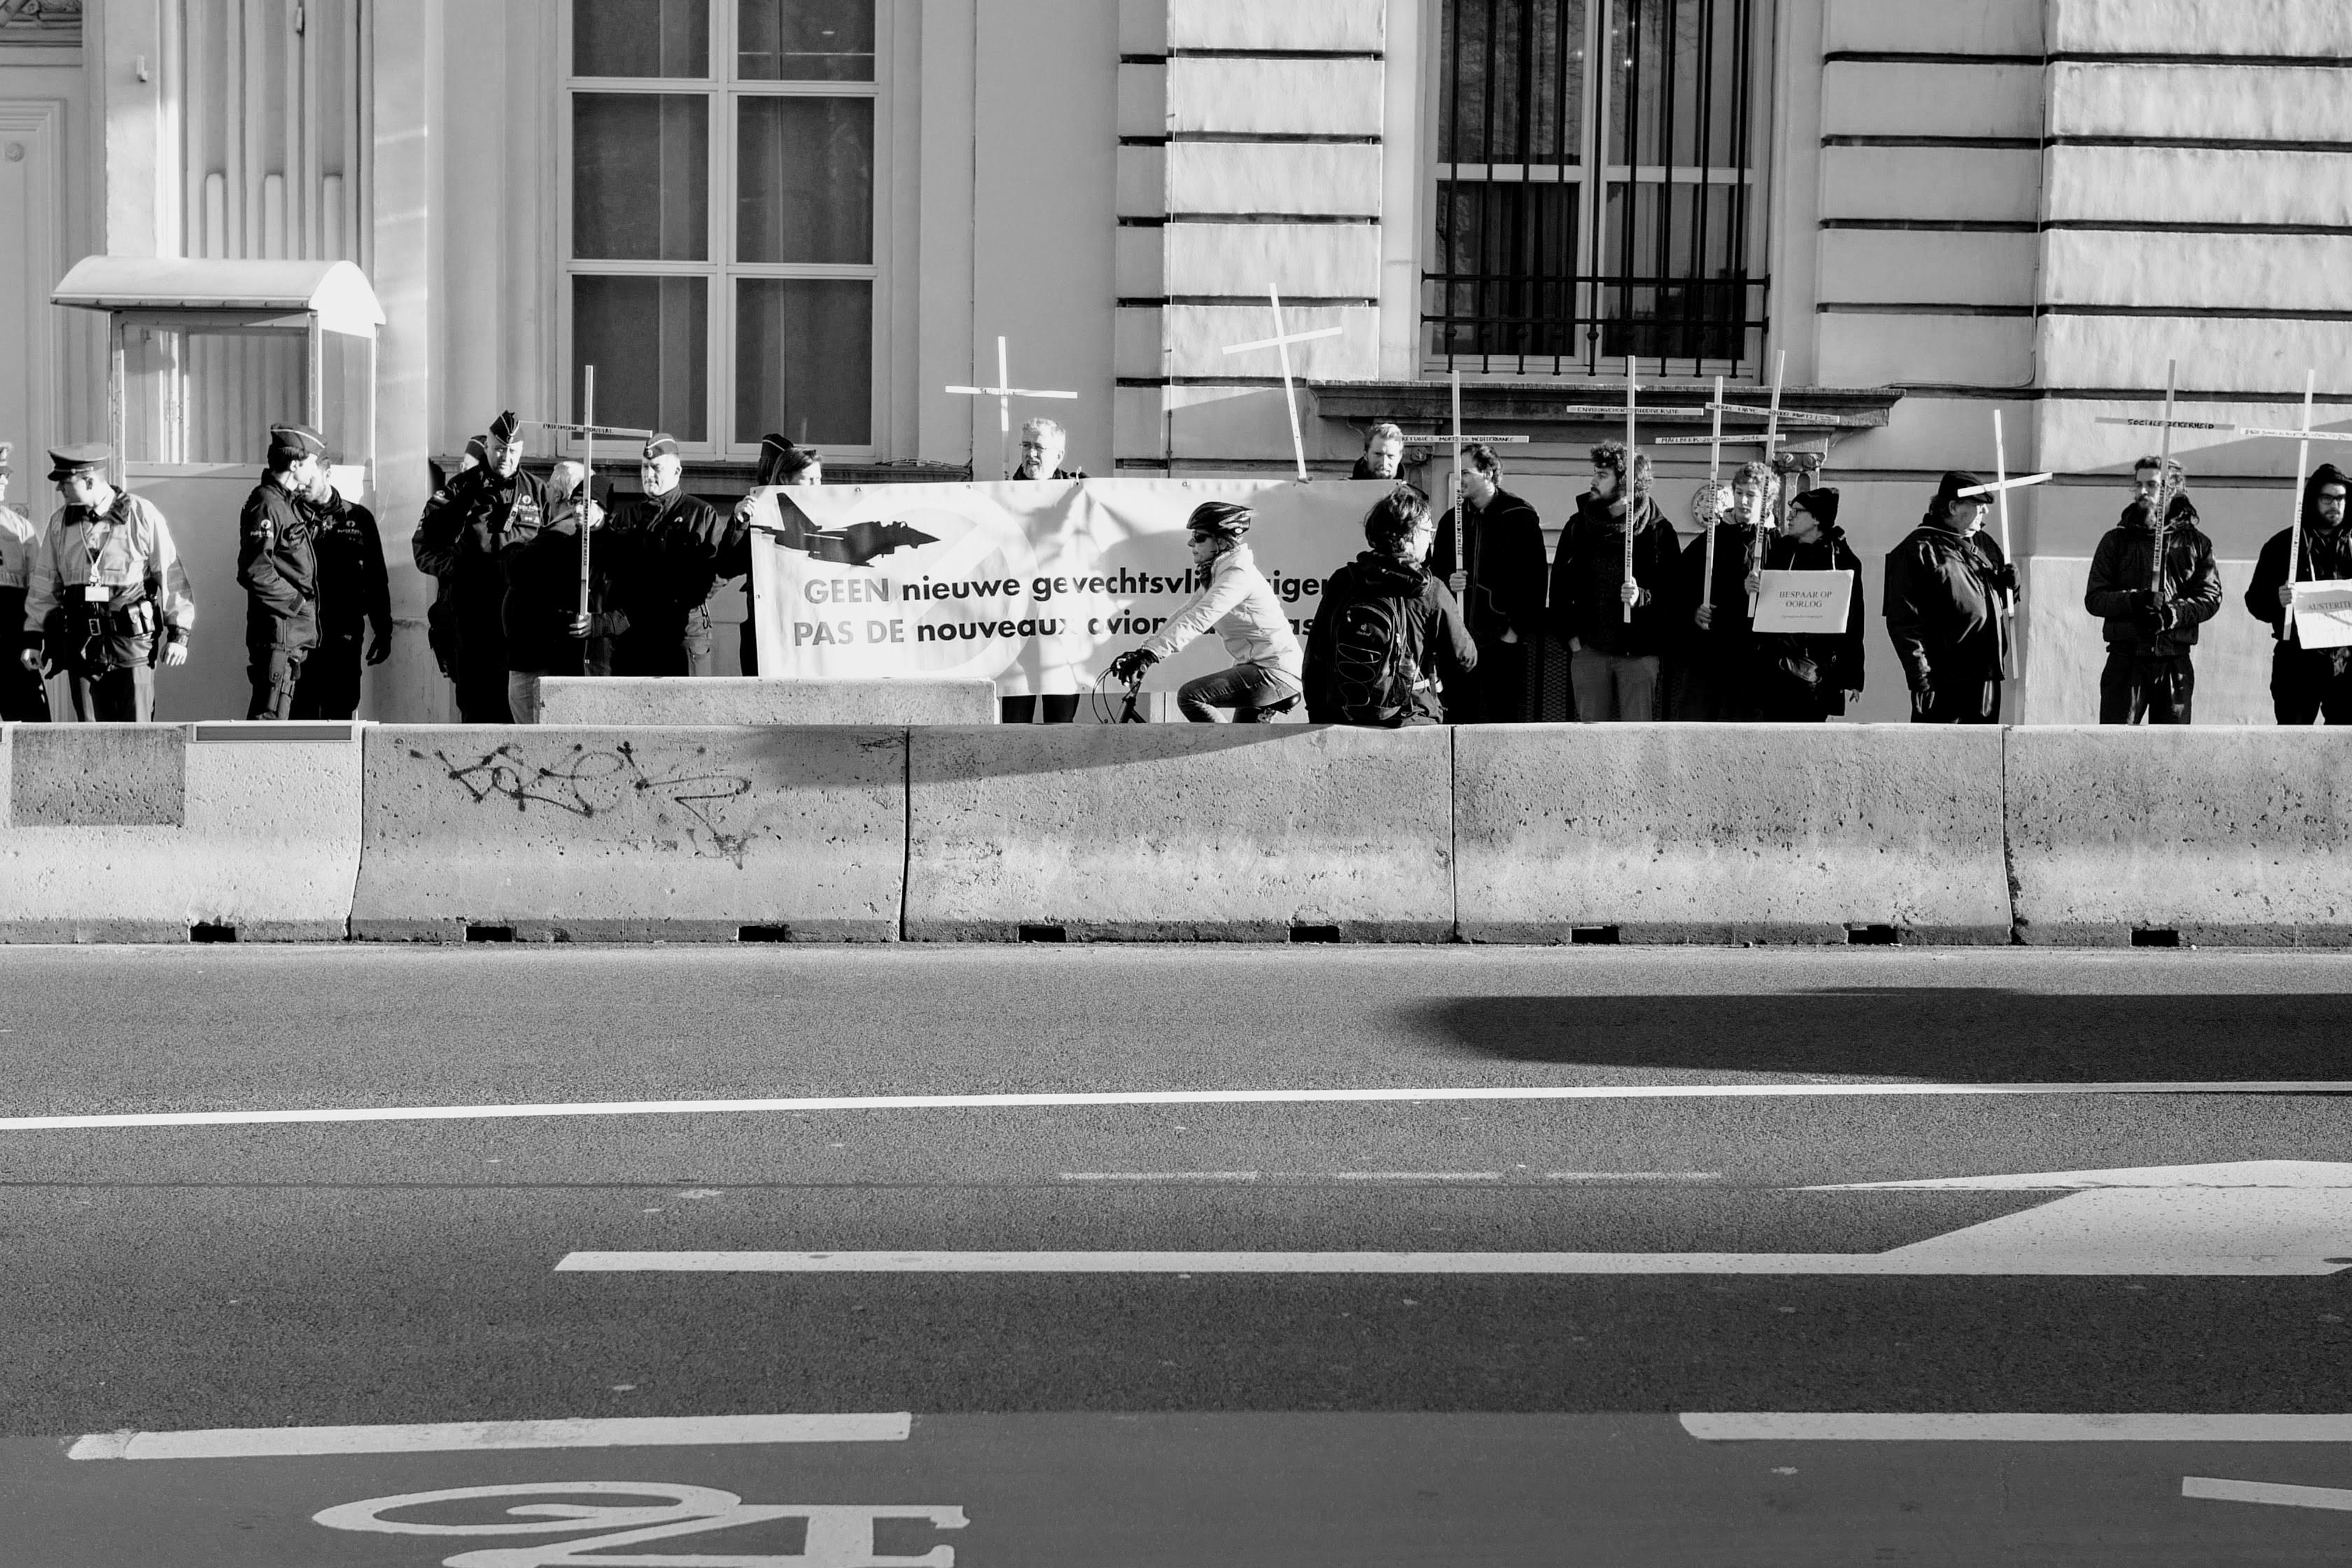 Foto verslag: Bezoek aan premier Michel